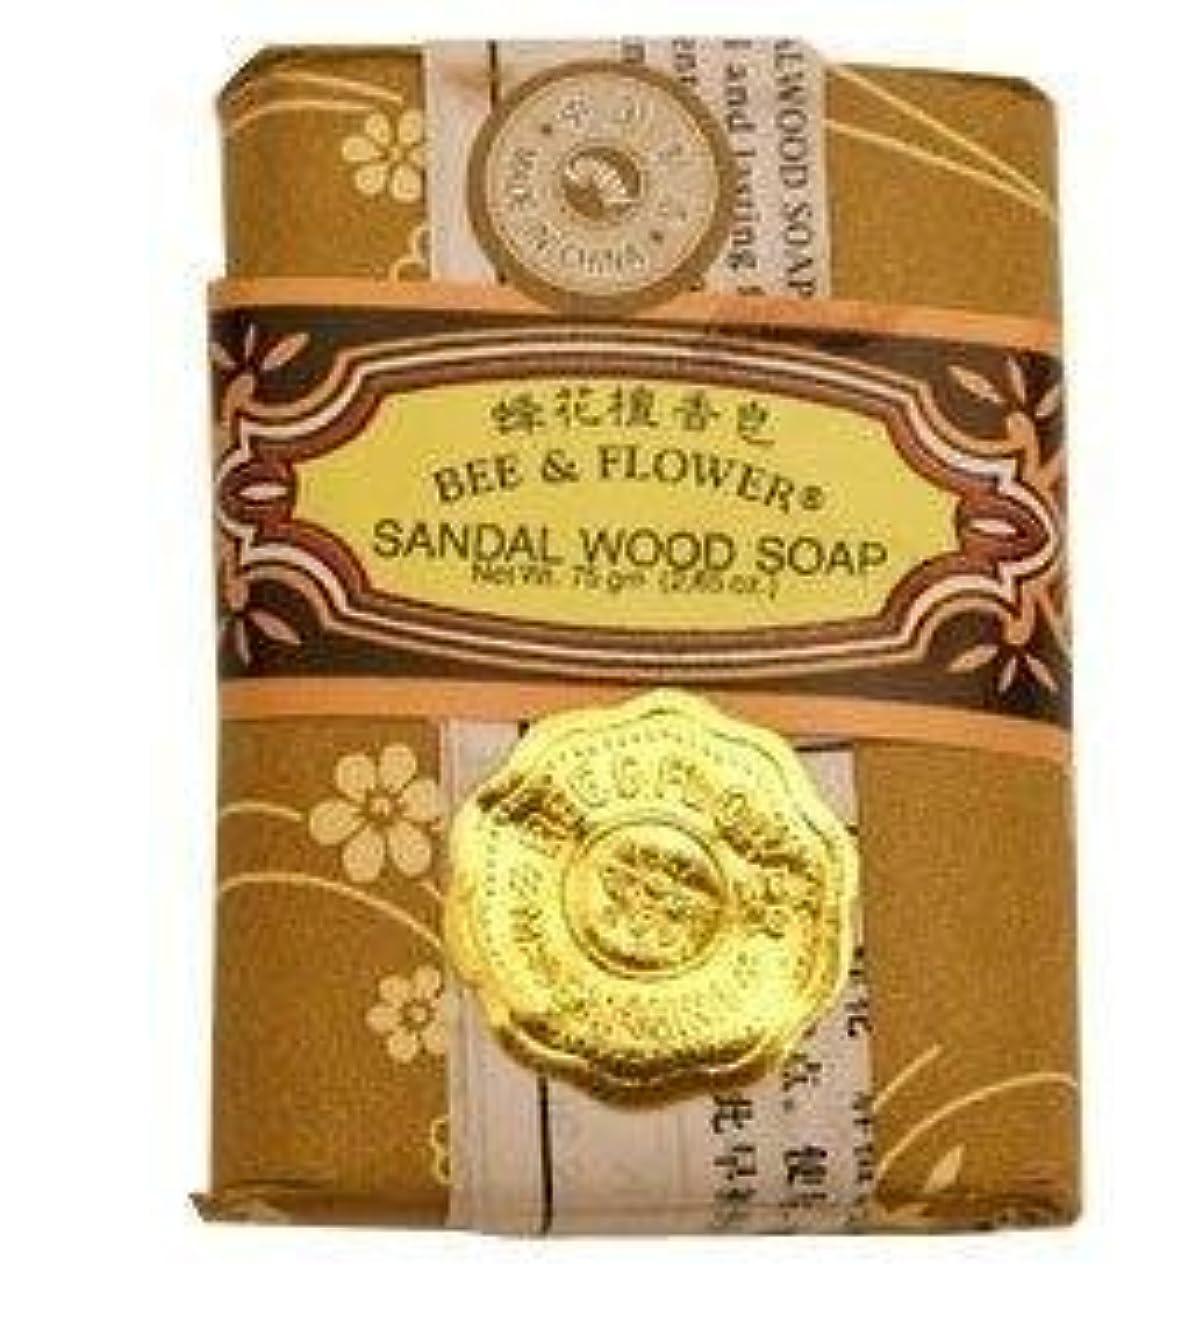 分解する司書水差しBee And Flower Sandal Wood Bar Soap 2.65 Ounce - 12 per case. [並行輸入品]